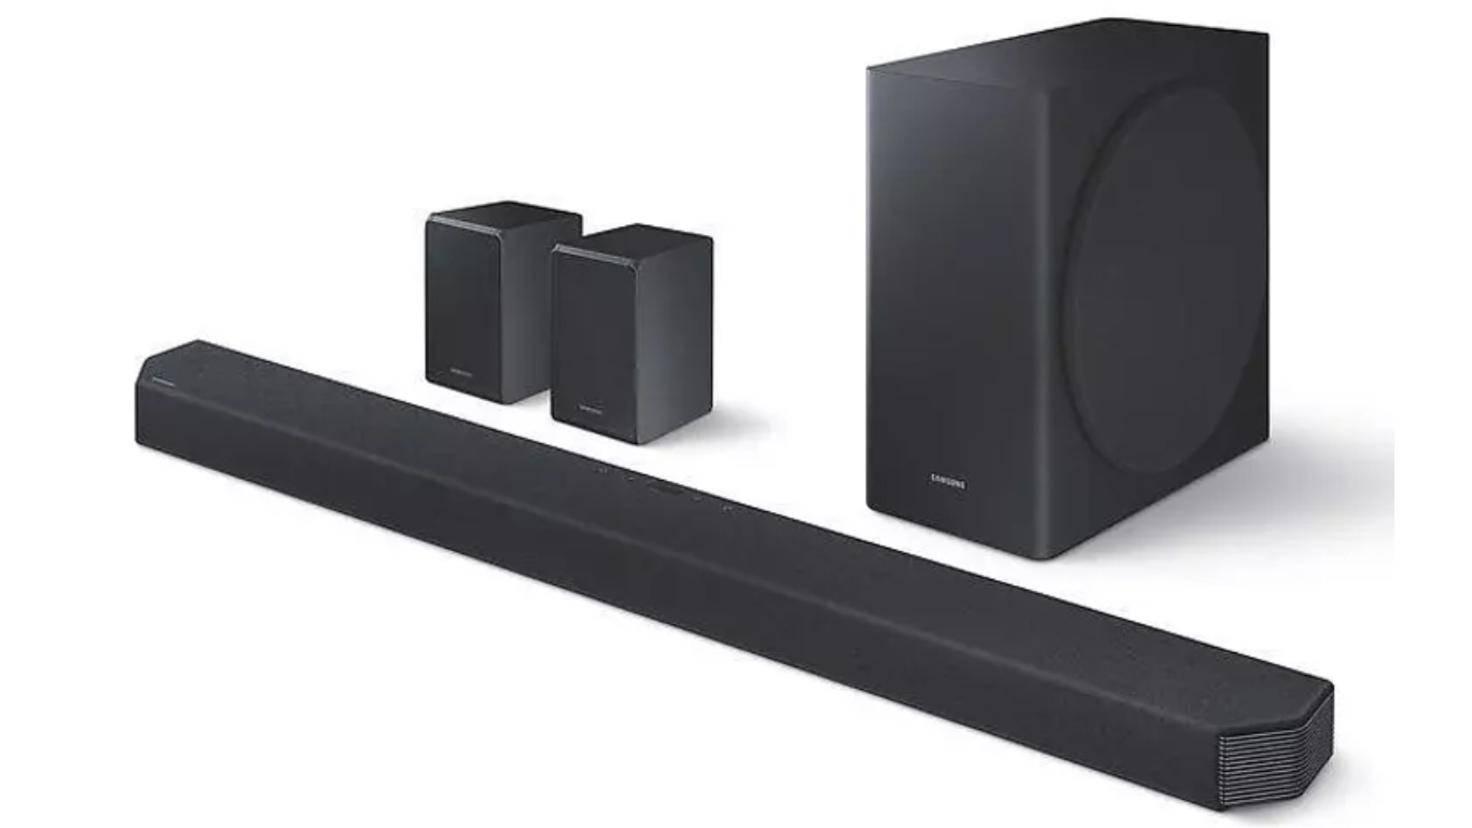 samsung-hw-q950t-soundbar